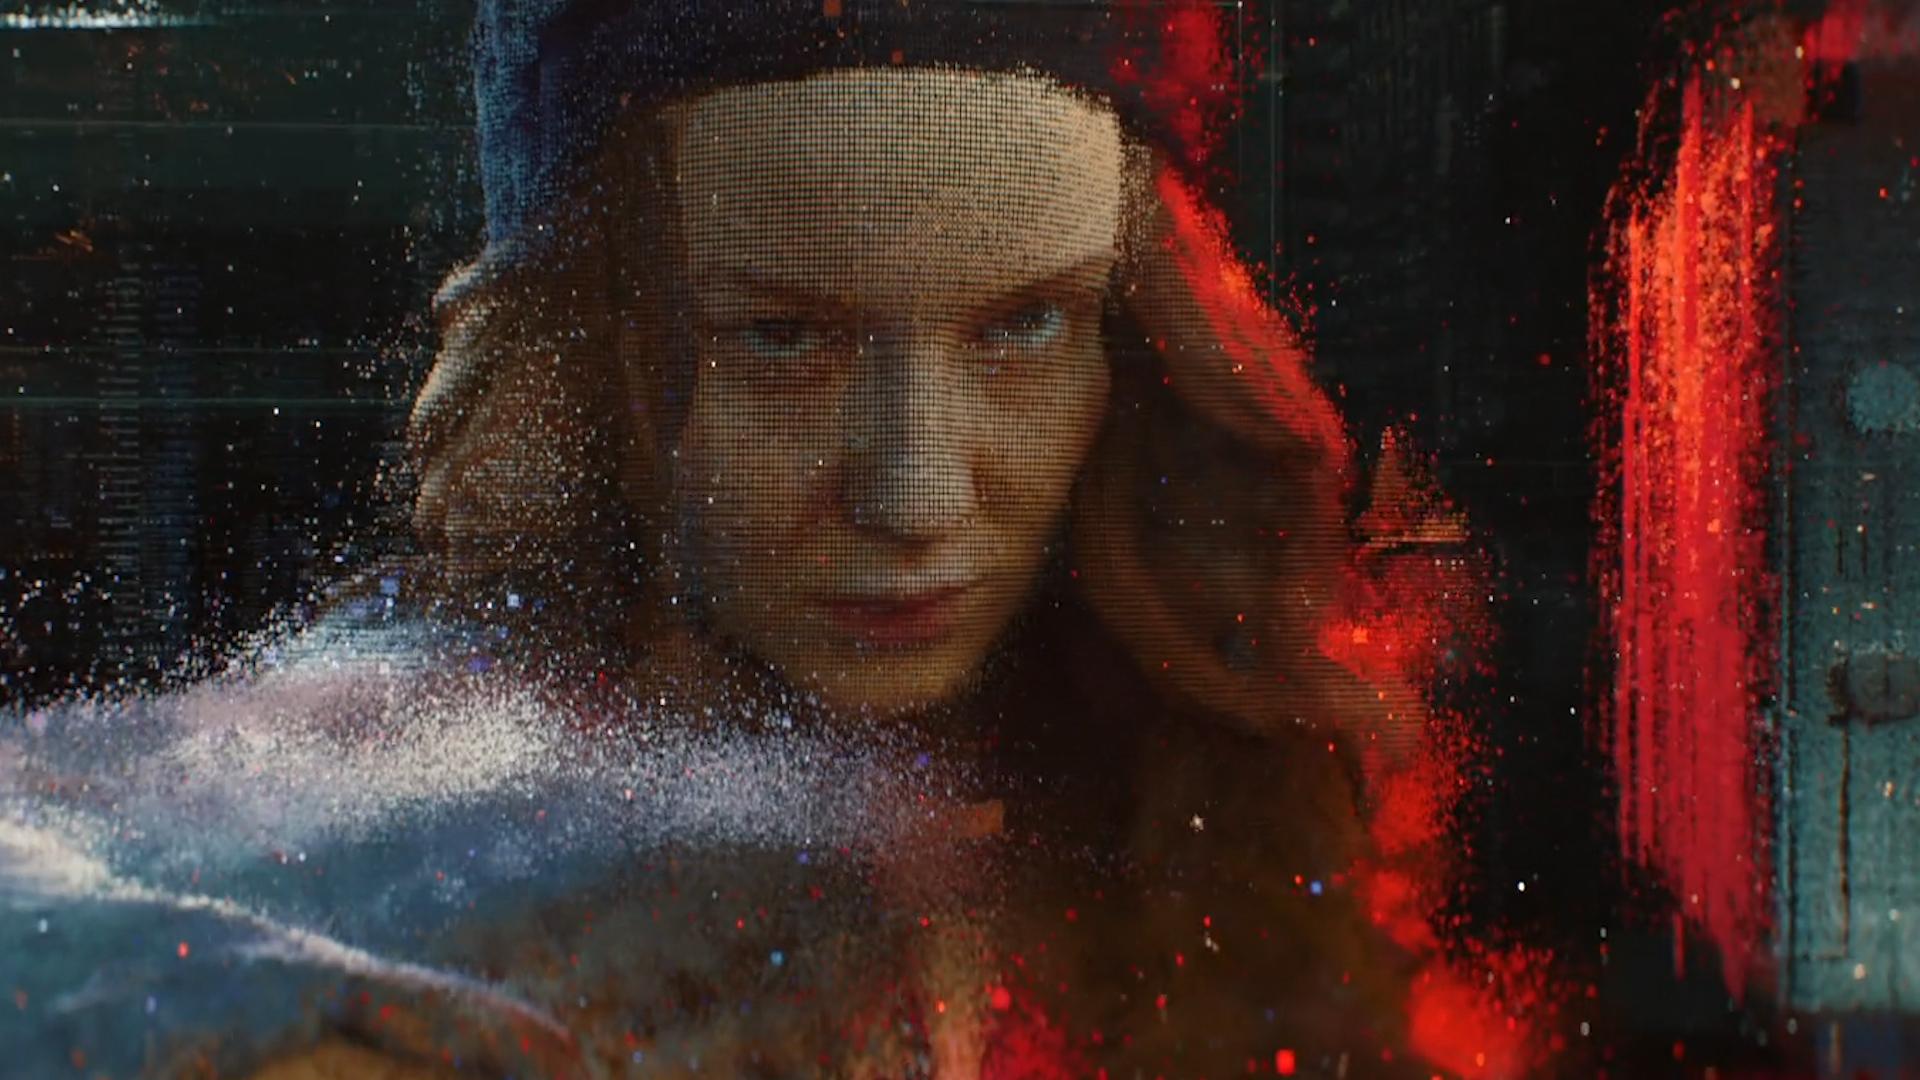 《入侵》震撼粒子角色粒子化星空镜头穿梭过渡衔接片头